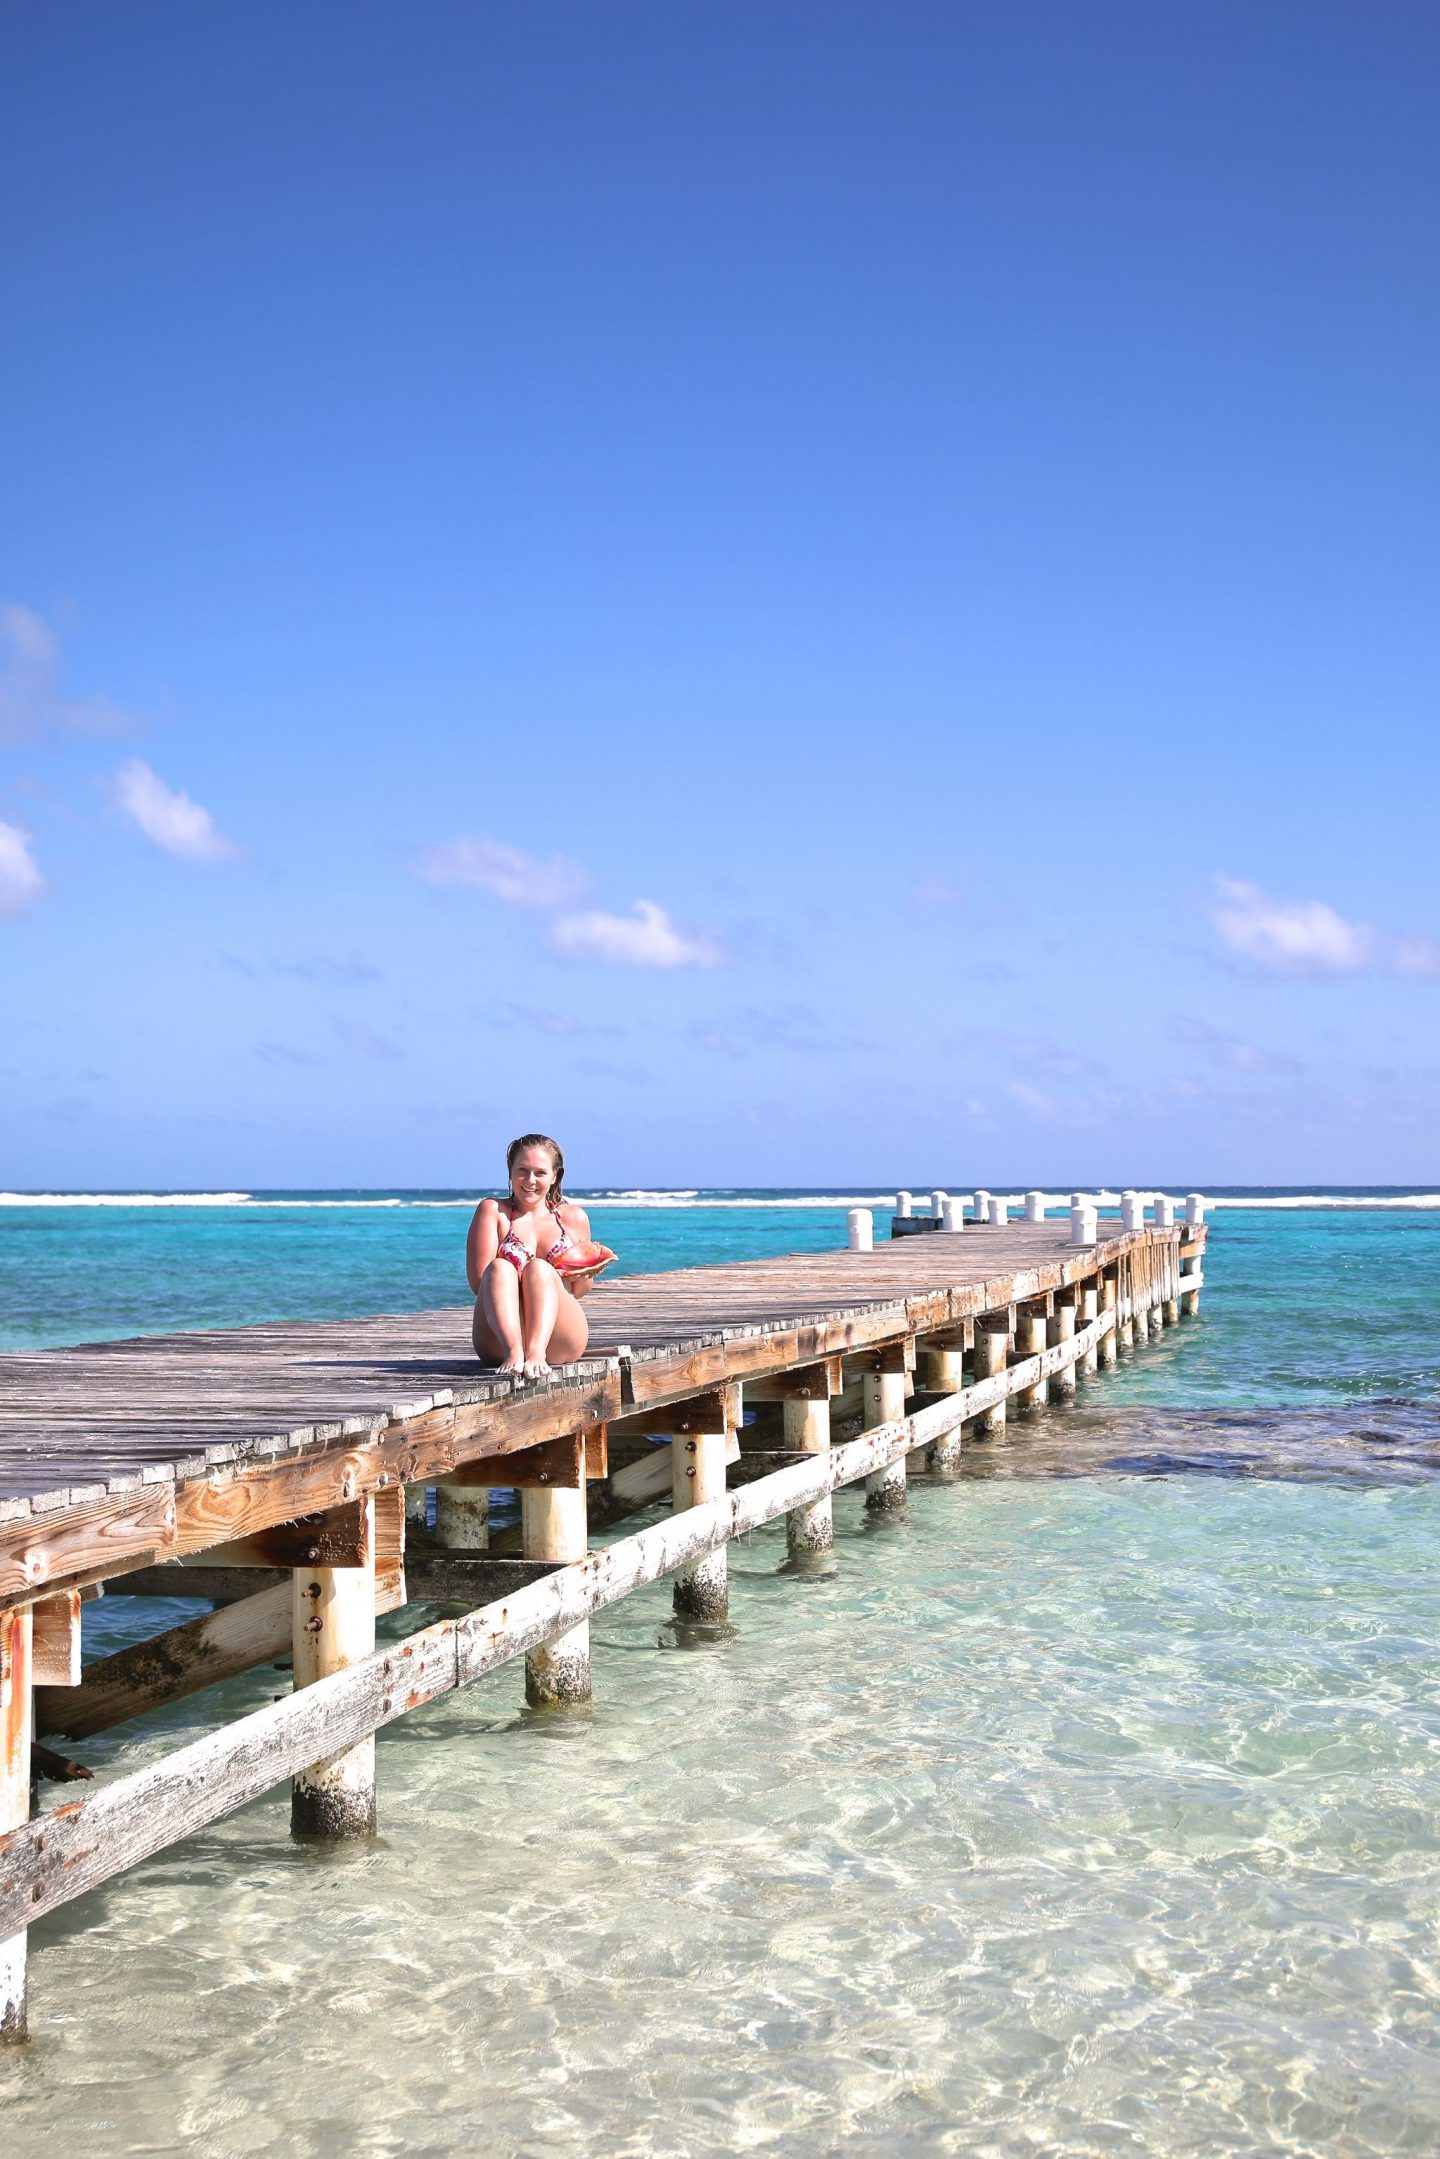 Point of Sand, Little Cayman, Katie Heath, KALANCHOE